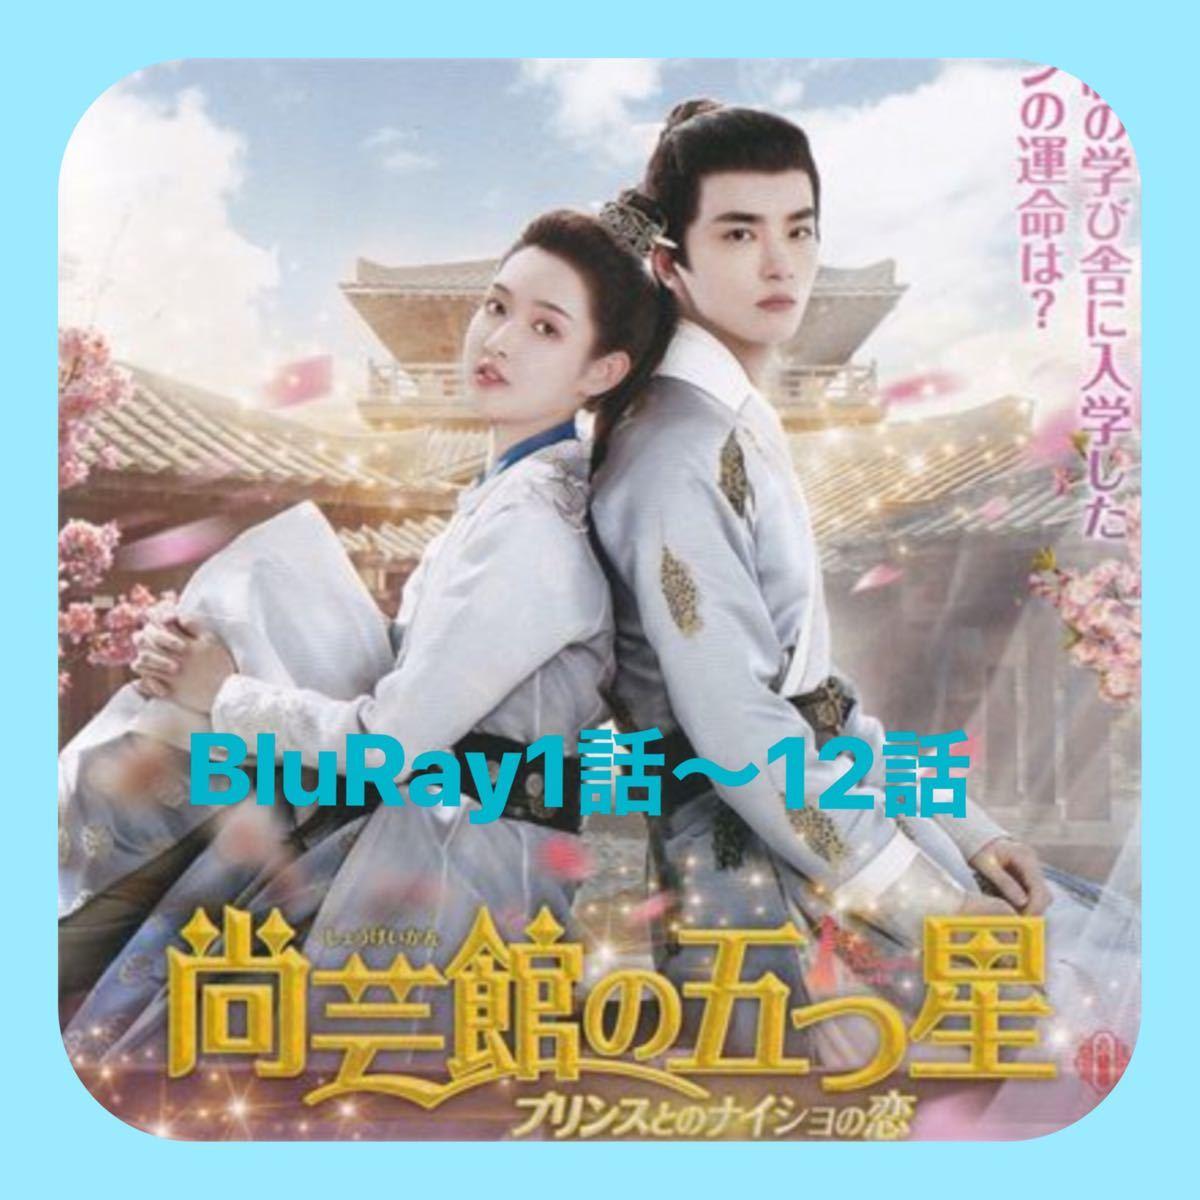 中国ドラマ  尚芸館の五つ星  BluRay1話~12話まで 画質良